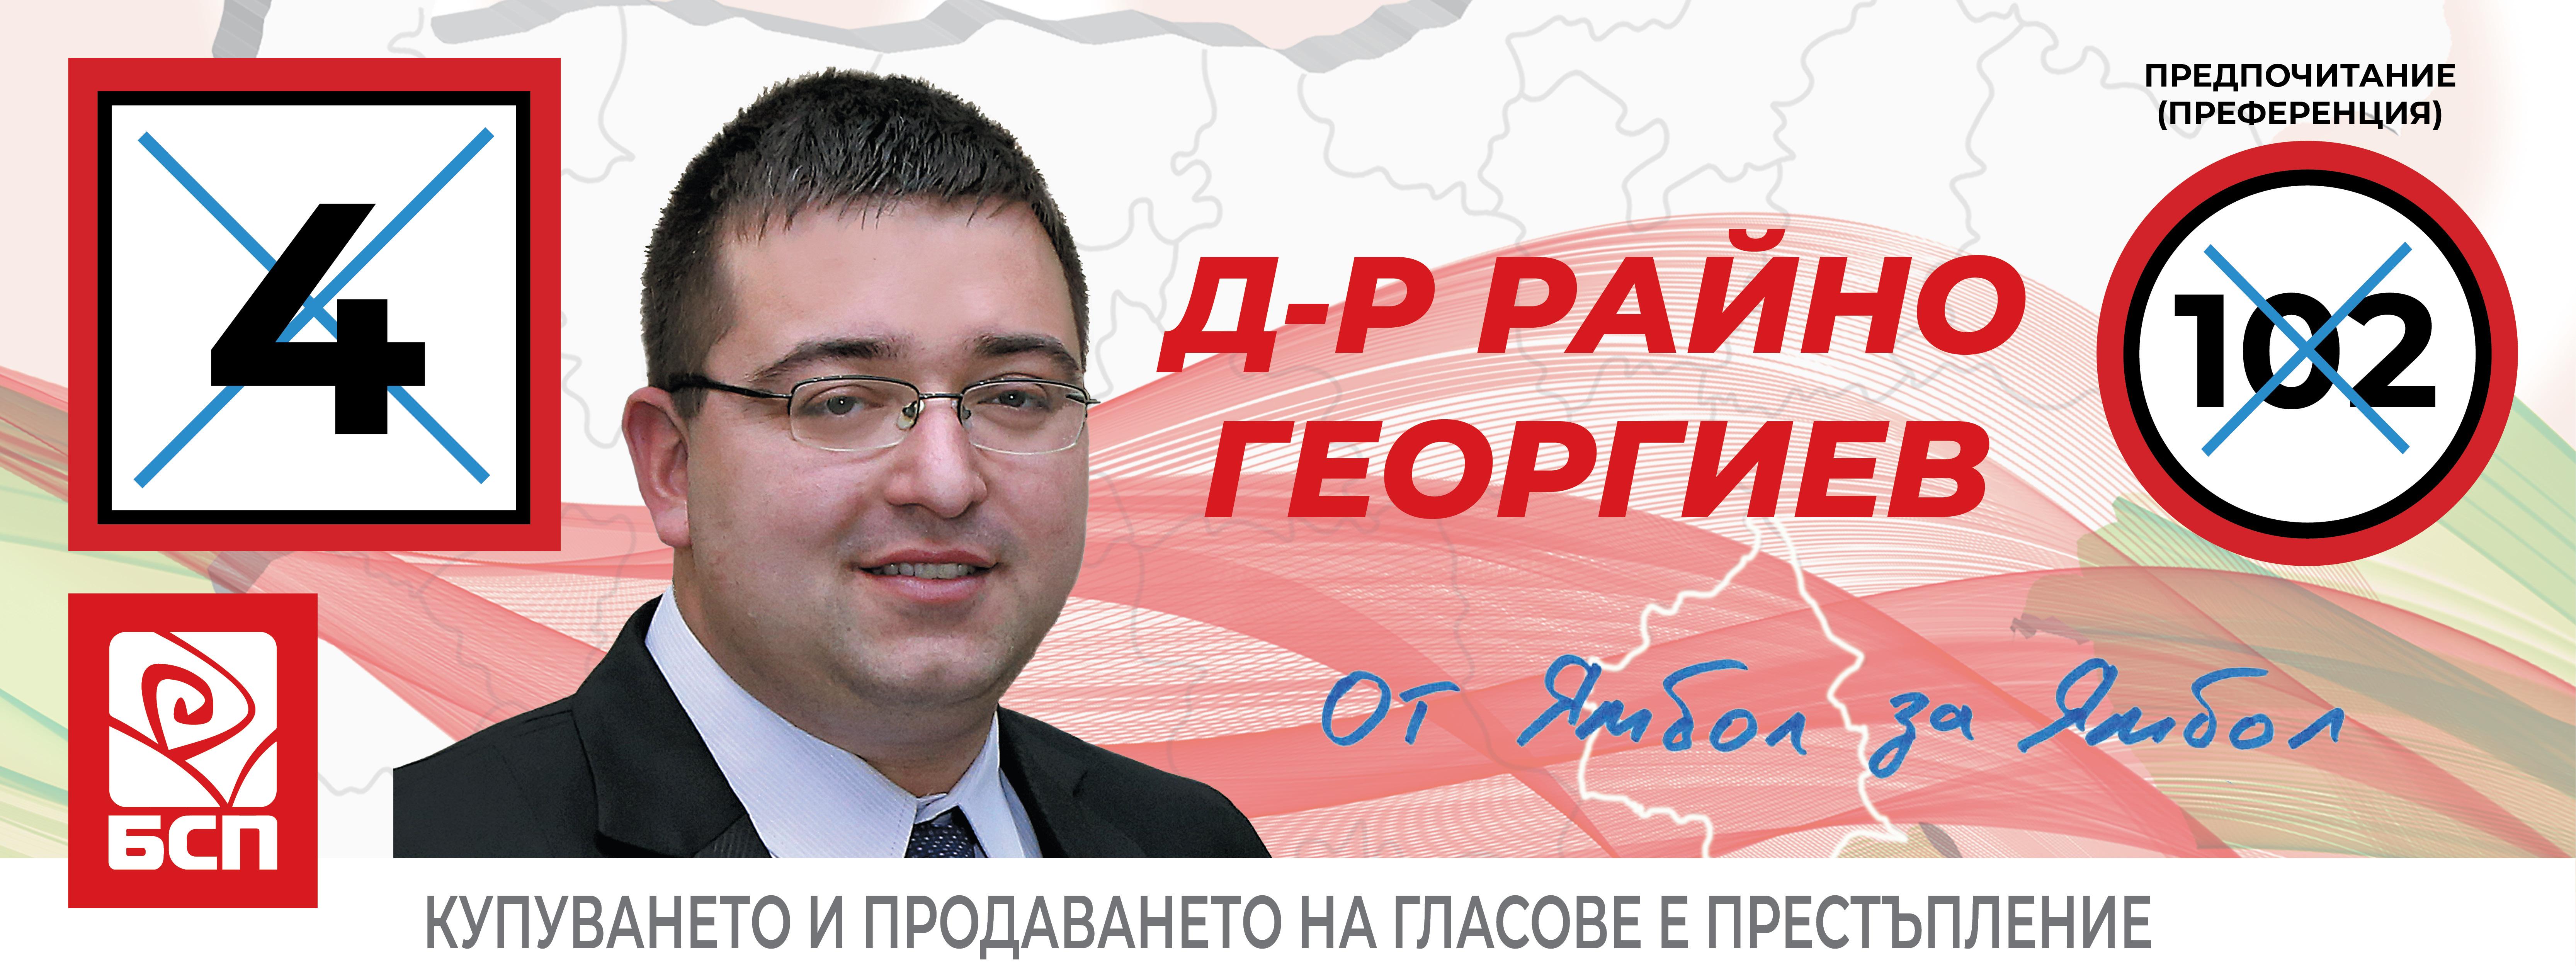 д-р Райно Георгиев - БСП за България